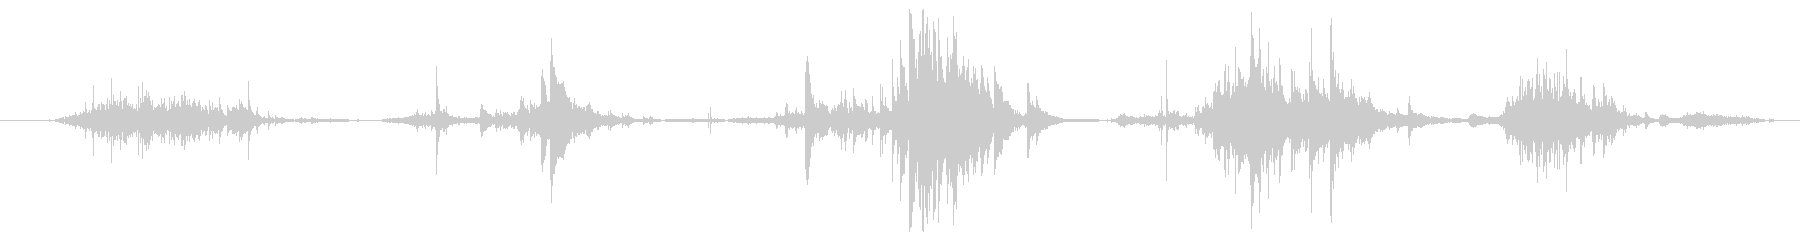 トウモロコシのほうき:セラミックガ...の未再生の波形